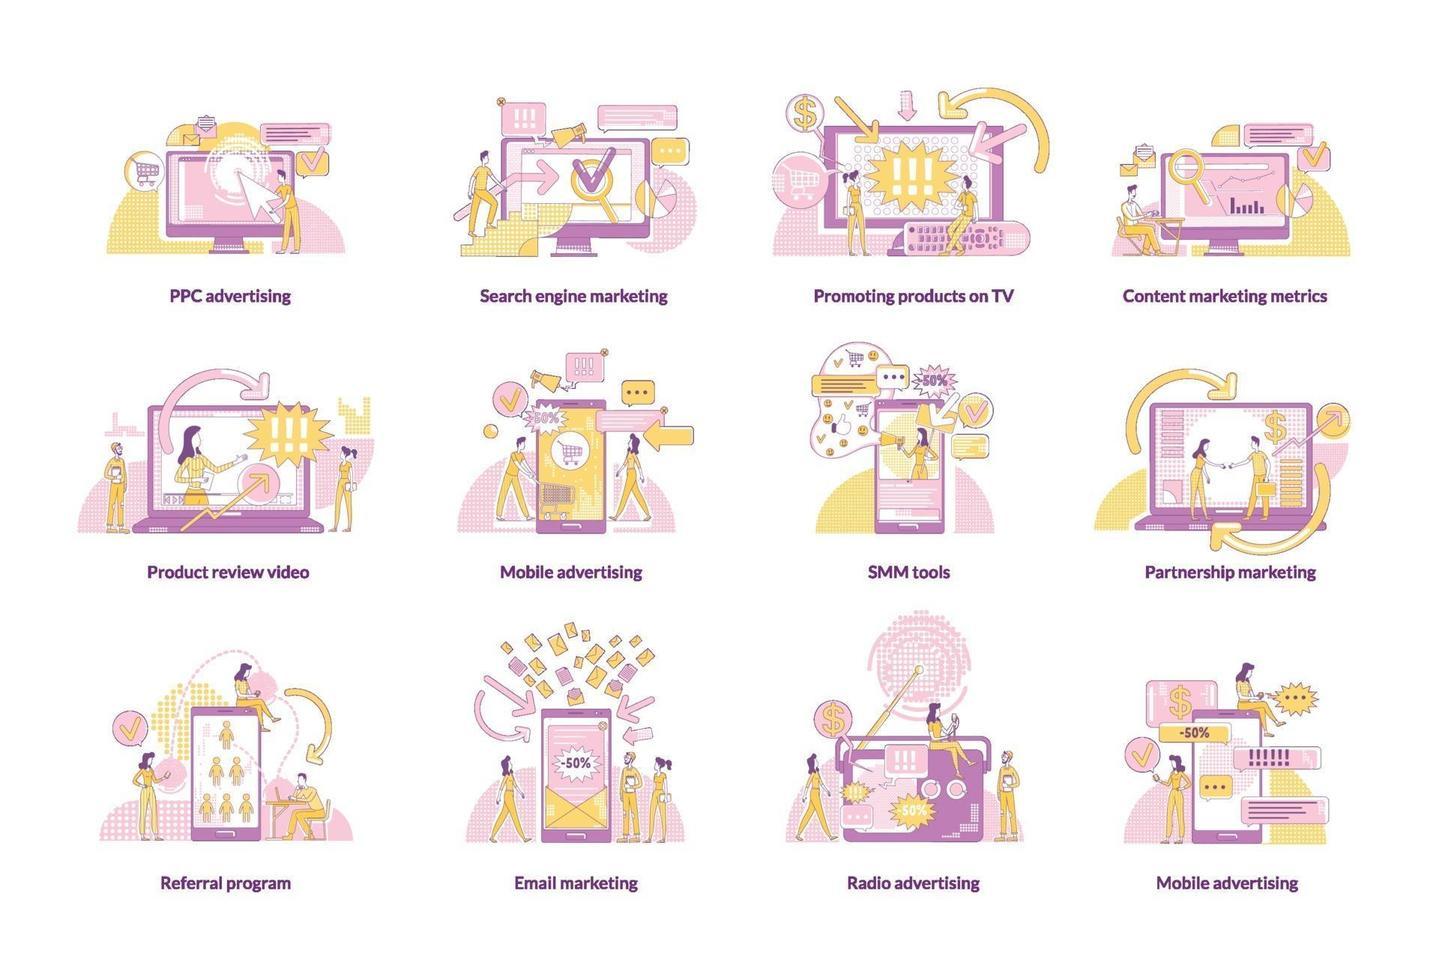 Conjunto de ilustraciones vectoriales de concepto de línea fina de marketing digital. comercializadores y clientes personajes de dibujos animados 2d para diseño web. estrategias de promoción, tecnologías publicitarias ideas creativas vector